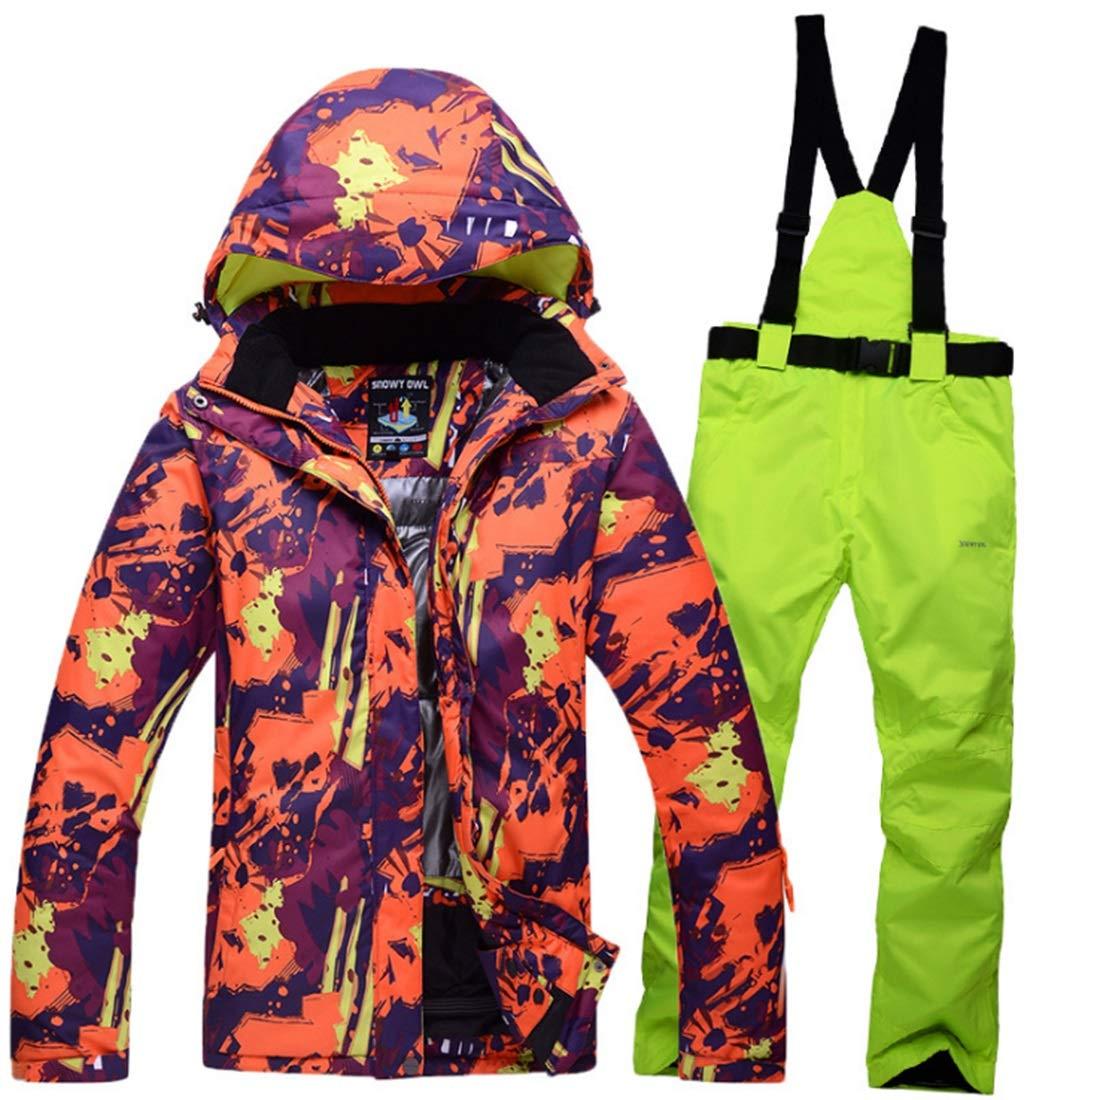 LilyAngel メンズ&レディース防水通気性スノーボードスキージャケット  XXL